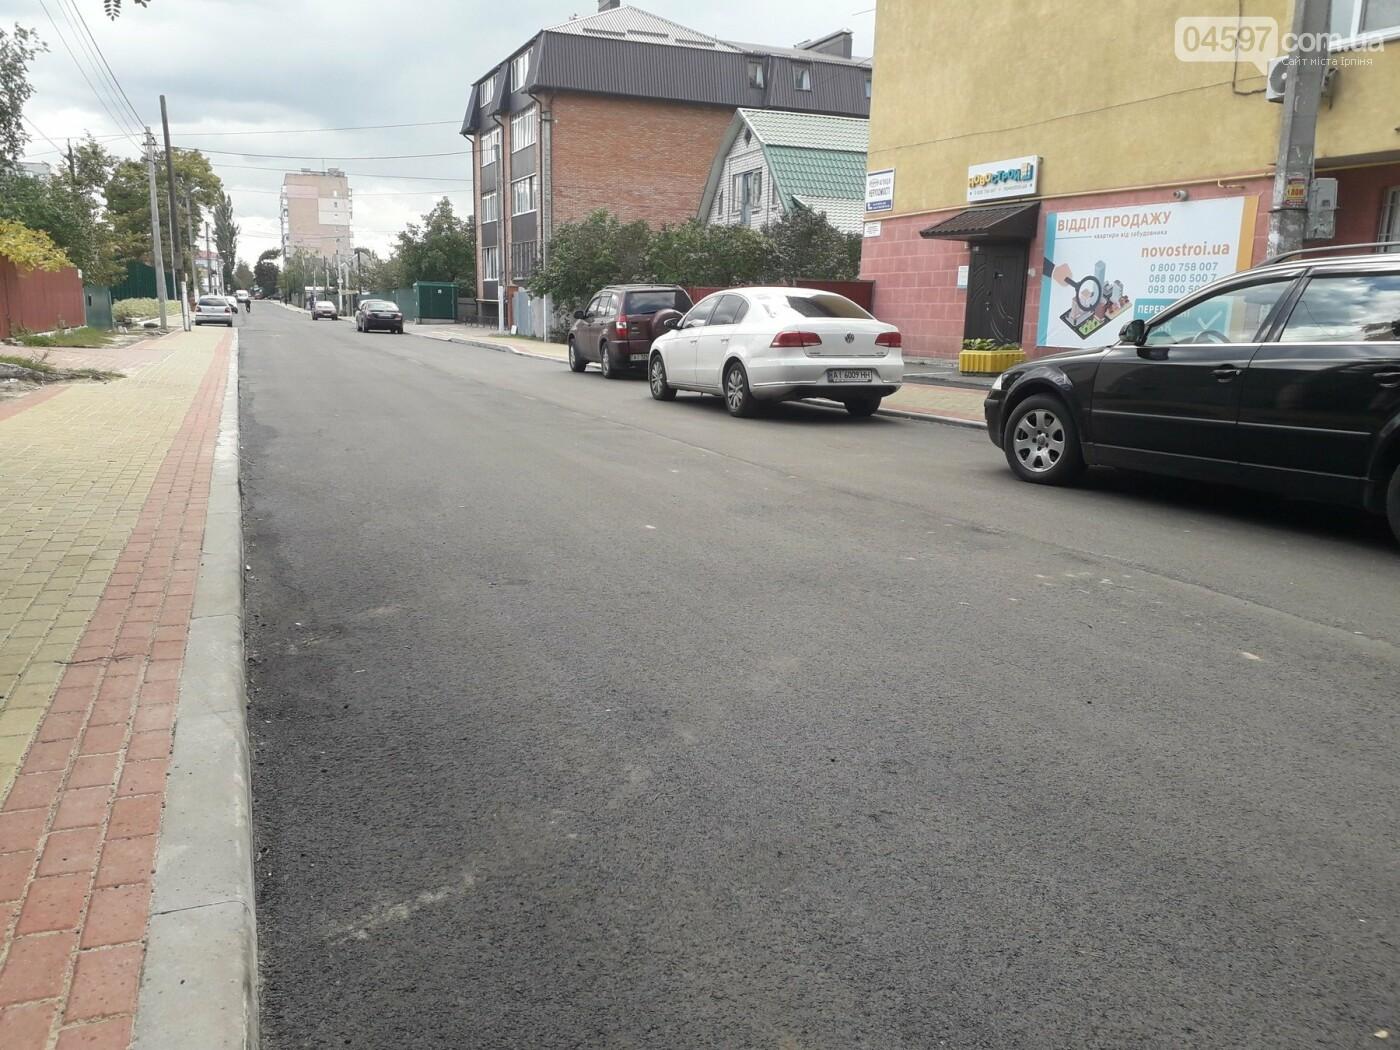 Вулиця Троїцька - з новим асфальтним покриттям, фото-3